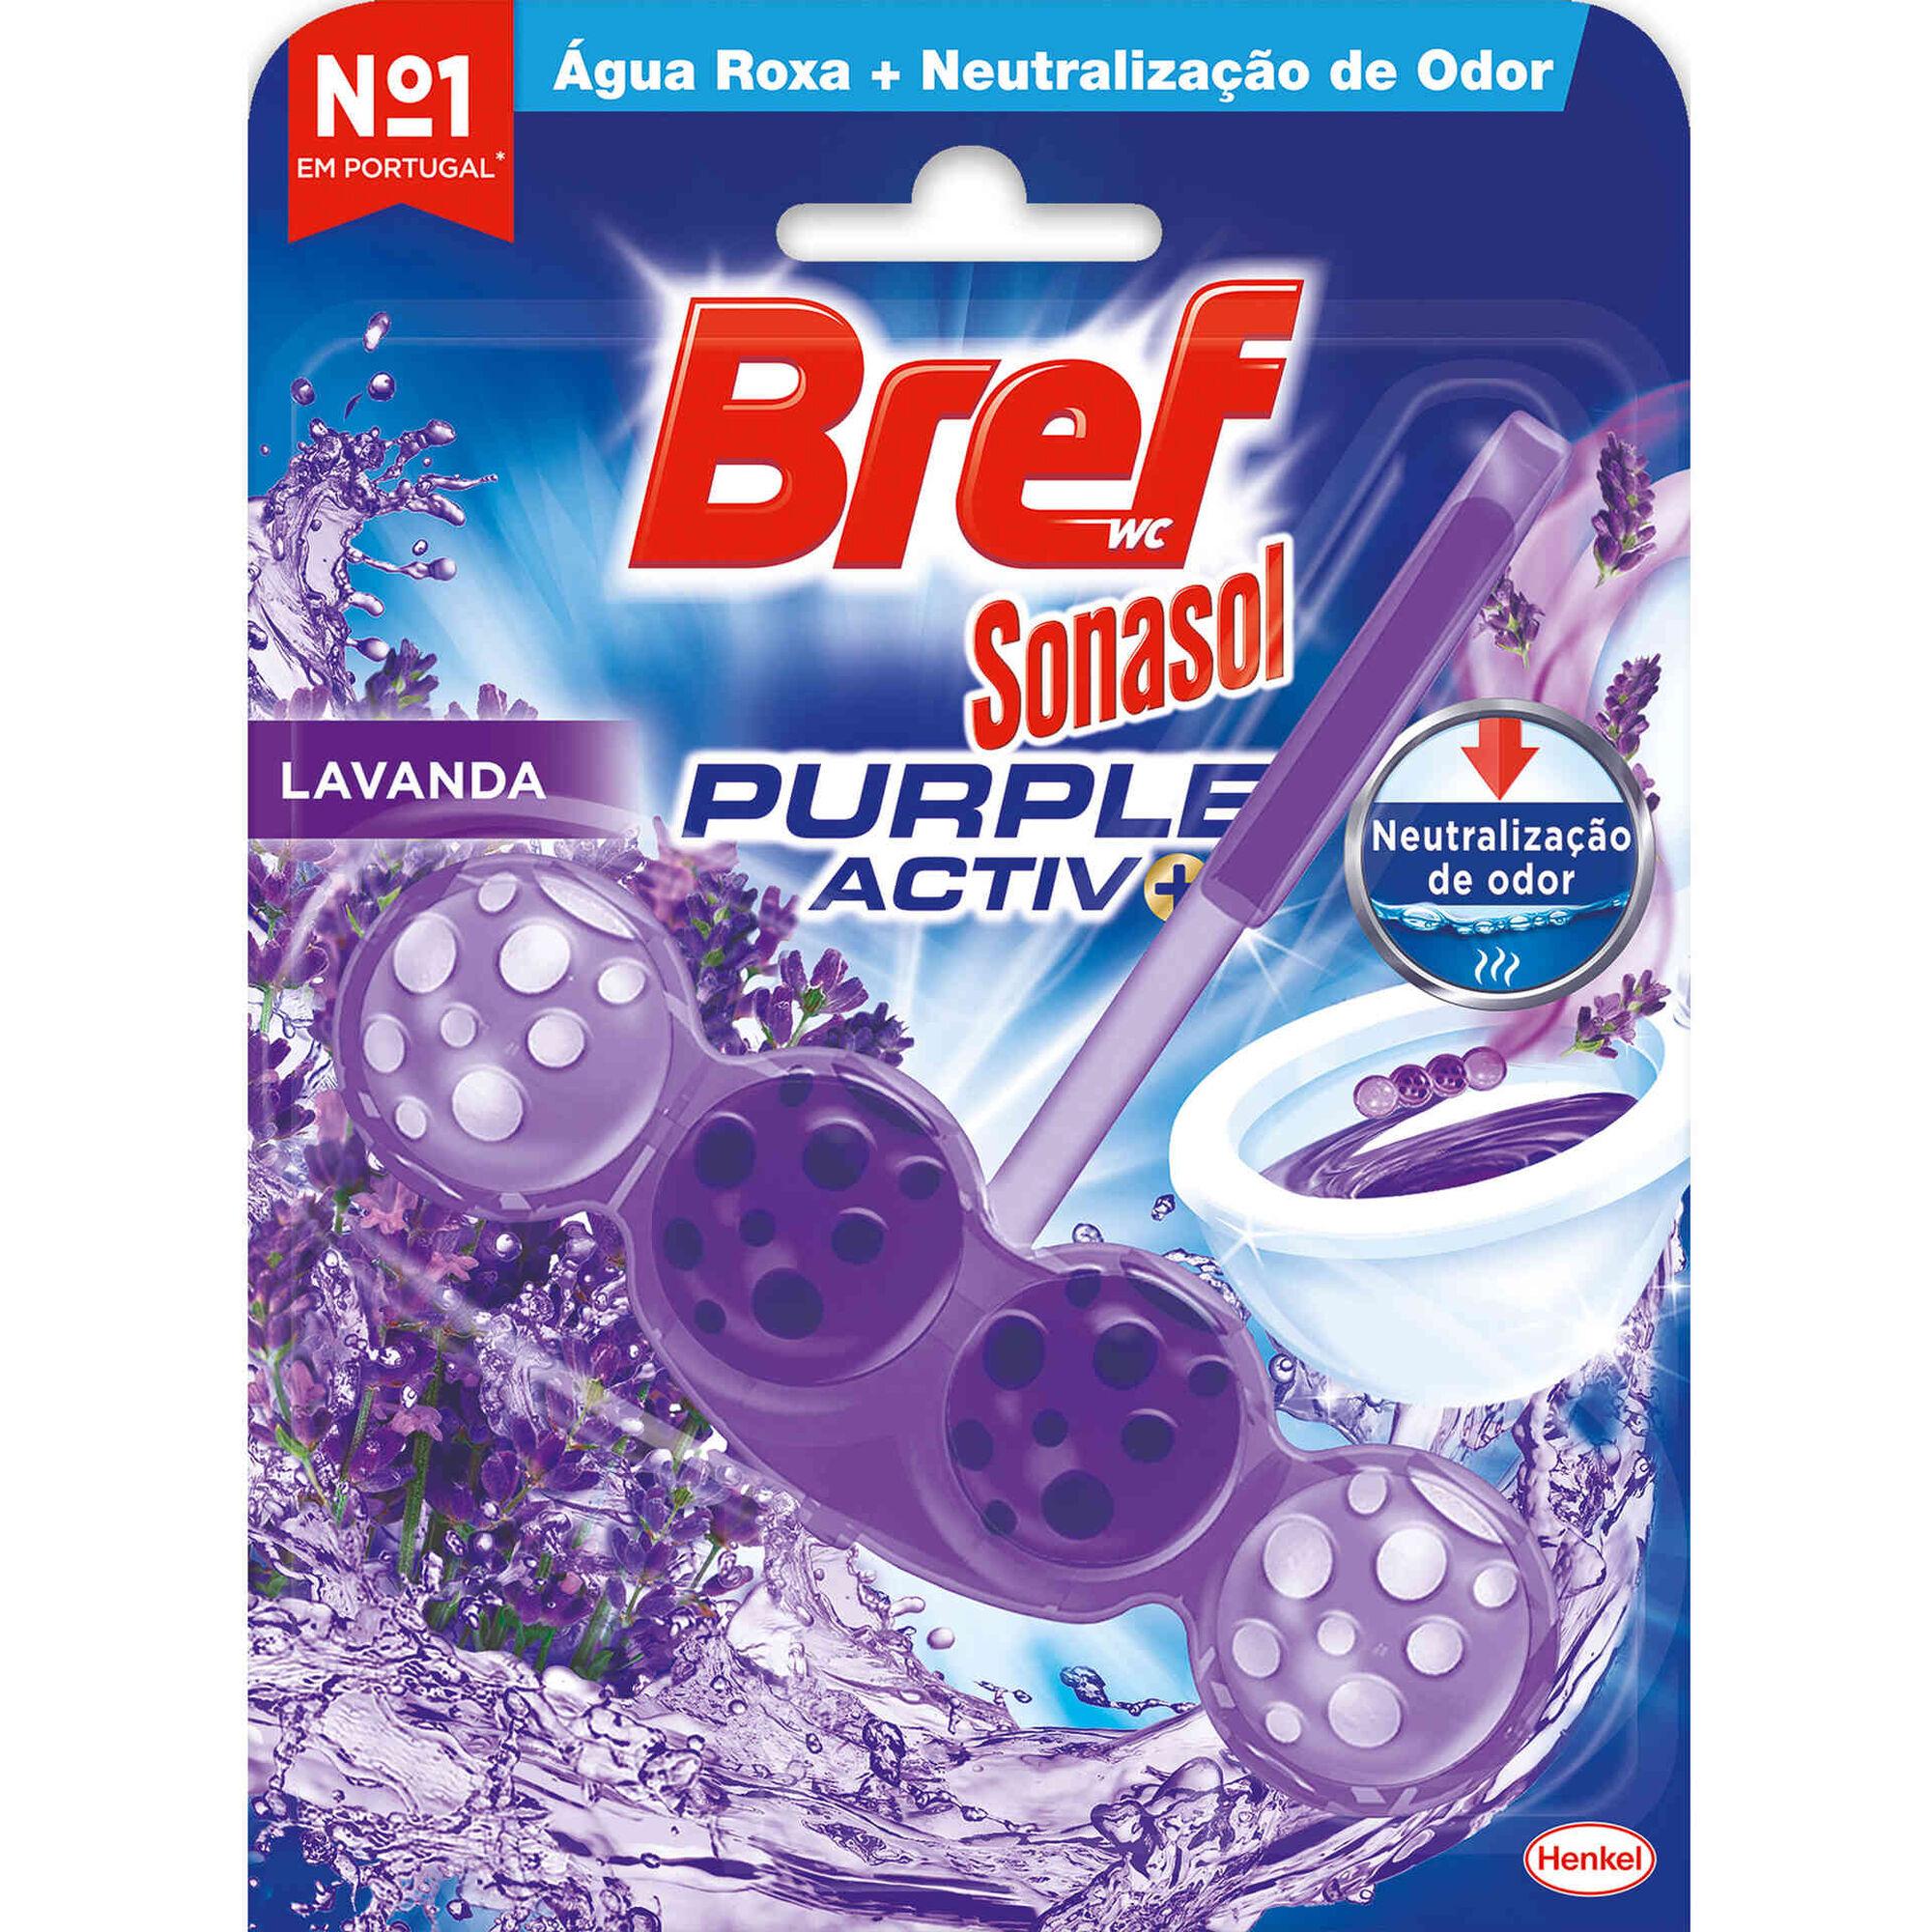 Bloco Sanitário Purple Active Lavanda, , hi-res